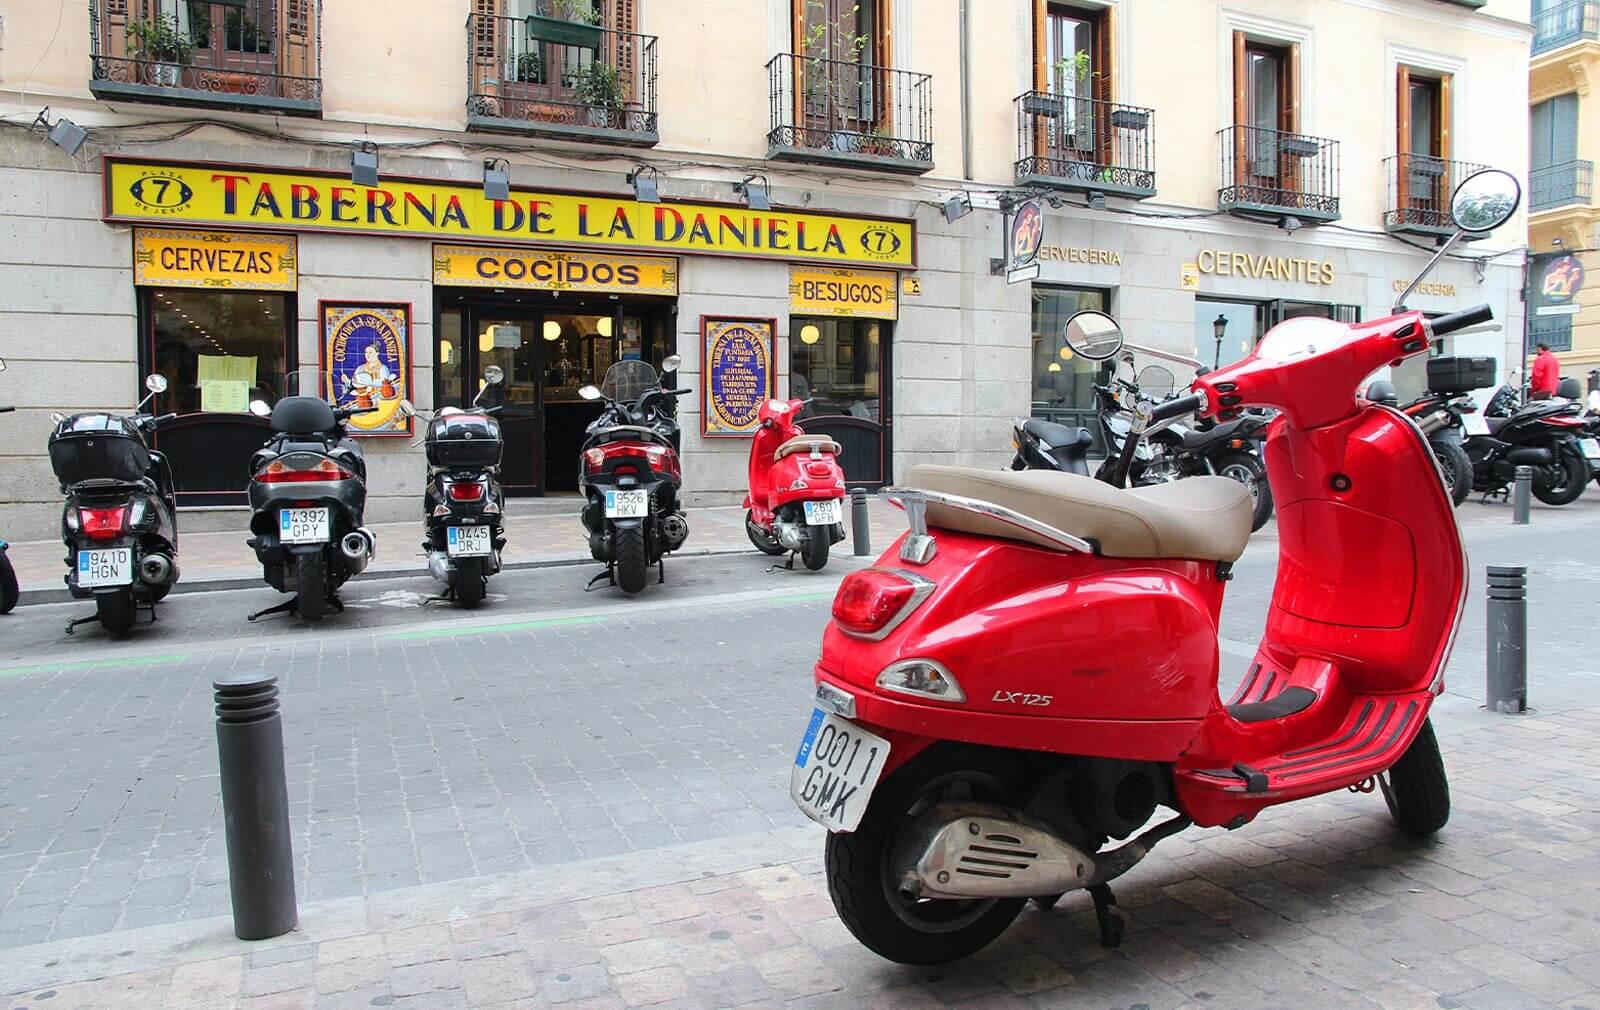 estacionamiento de motos en madrid central